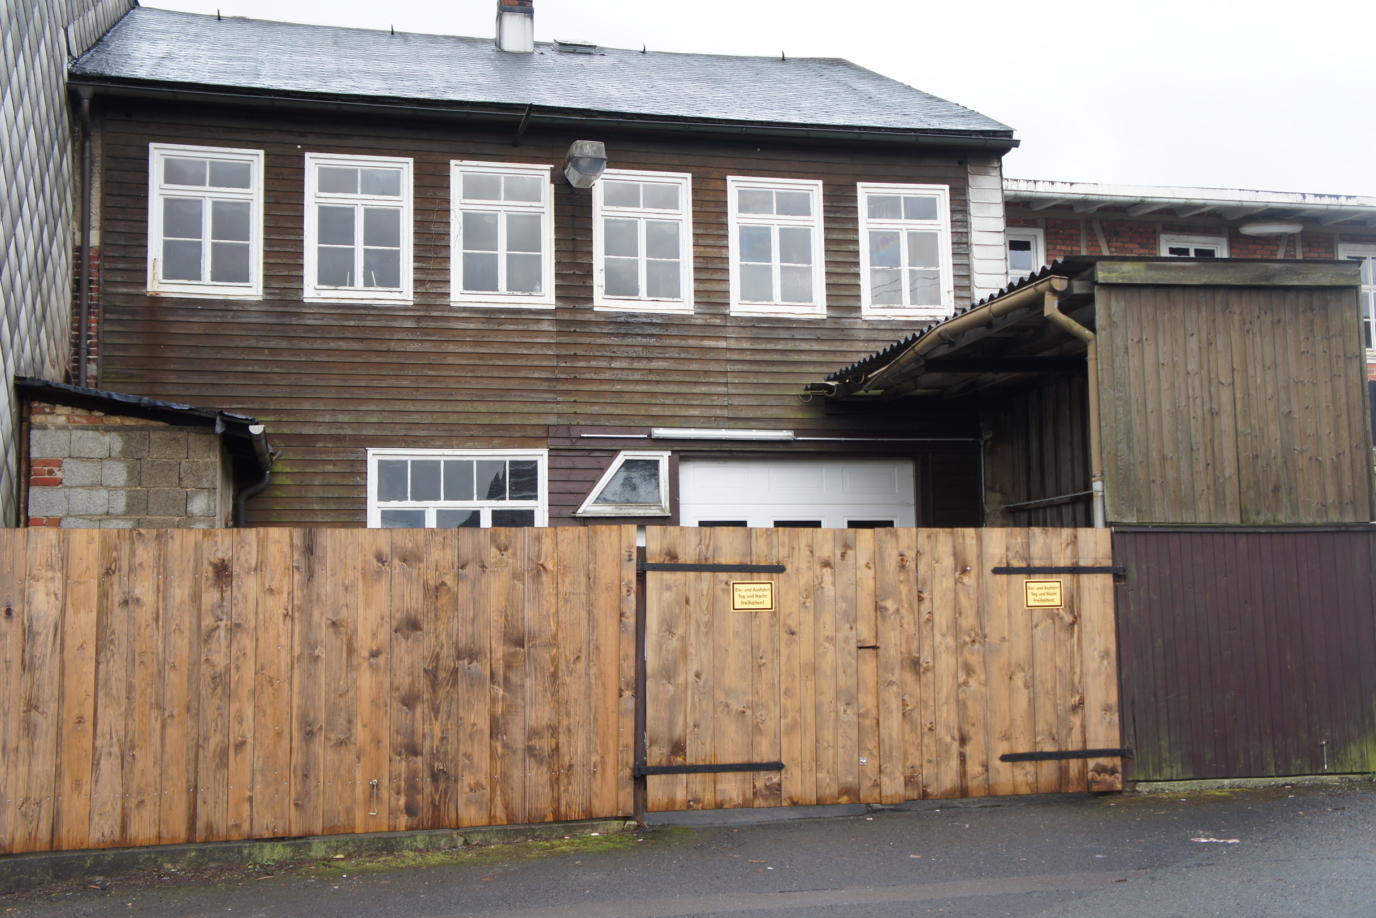 Wohngebäude des ehem. Tischlermeisters mit Werkstatträumen und Garage